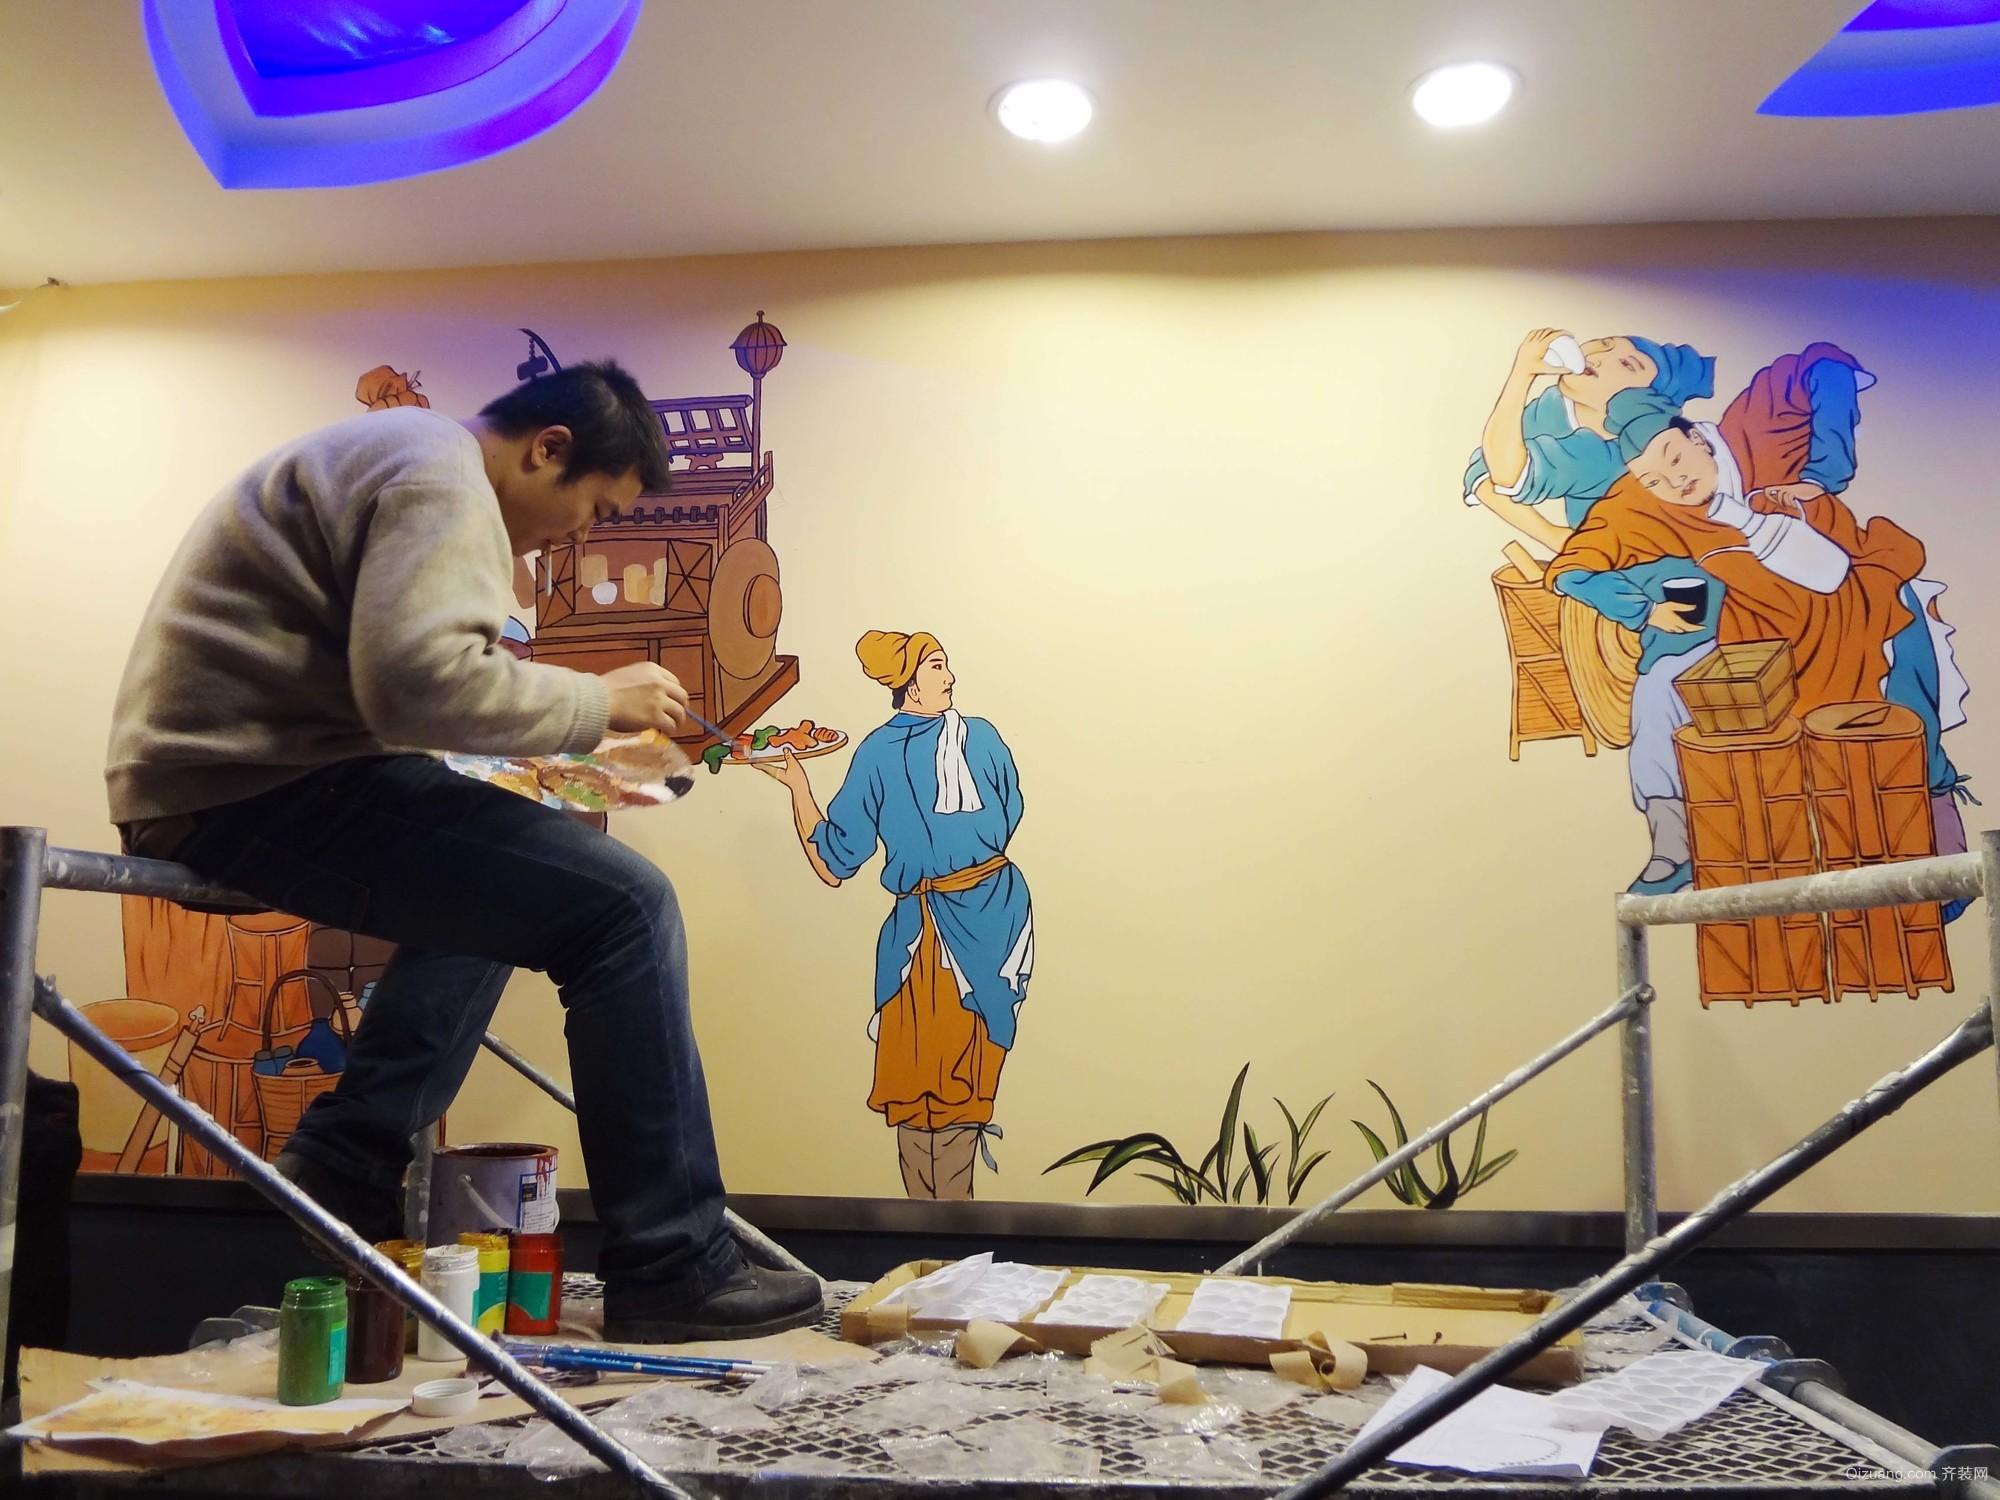 小型饭店装修墙绘效果图